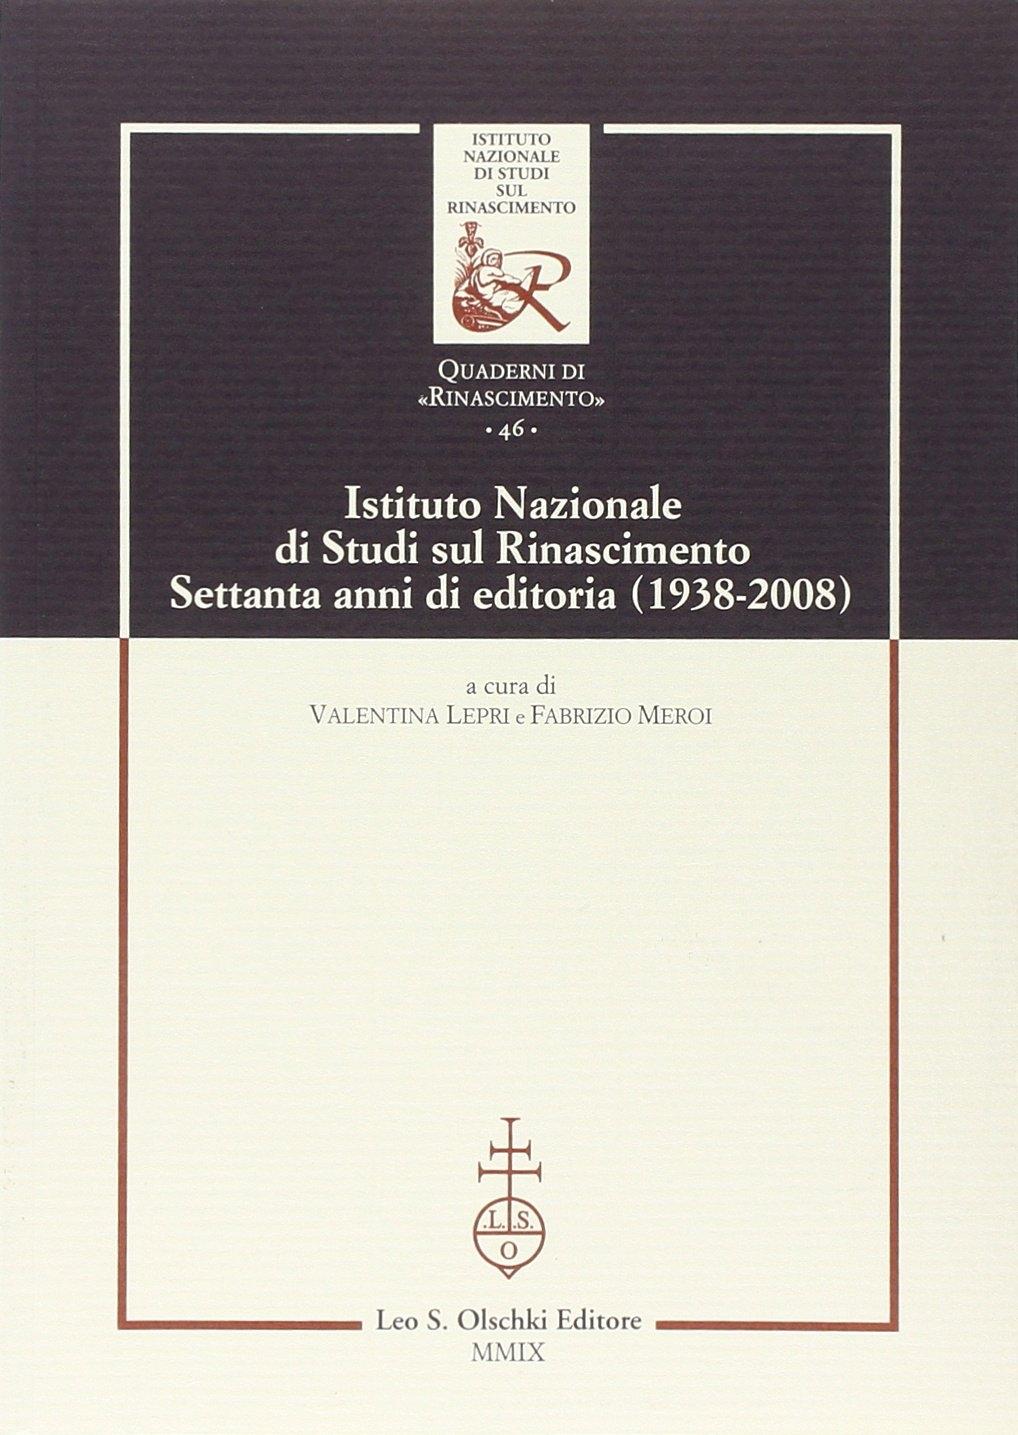 Istituto Nazionale di studi sul Rinascimento. Settanta anni di editoria (1938-2008)